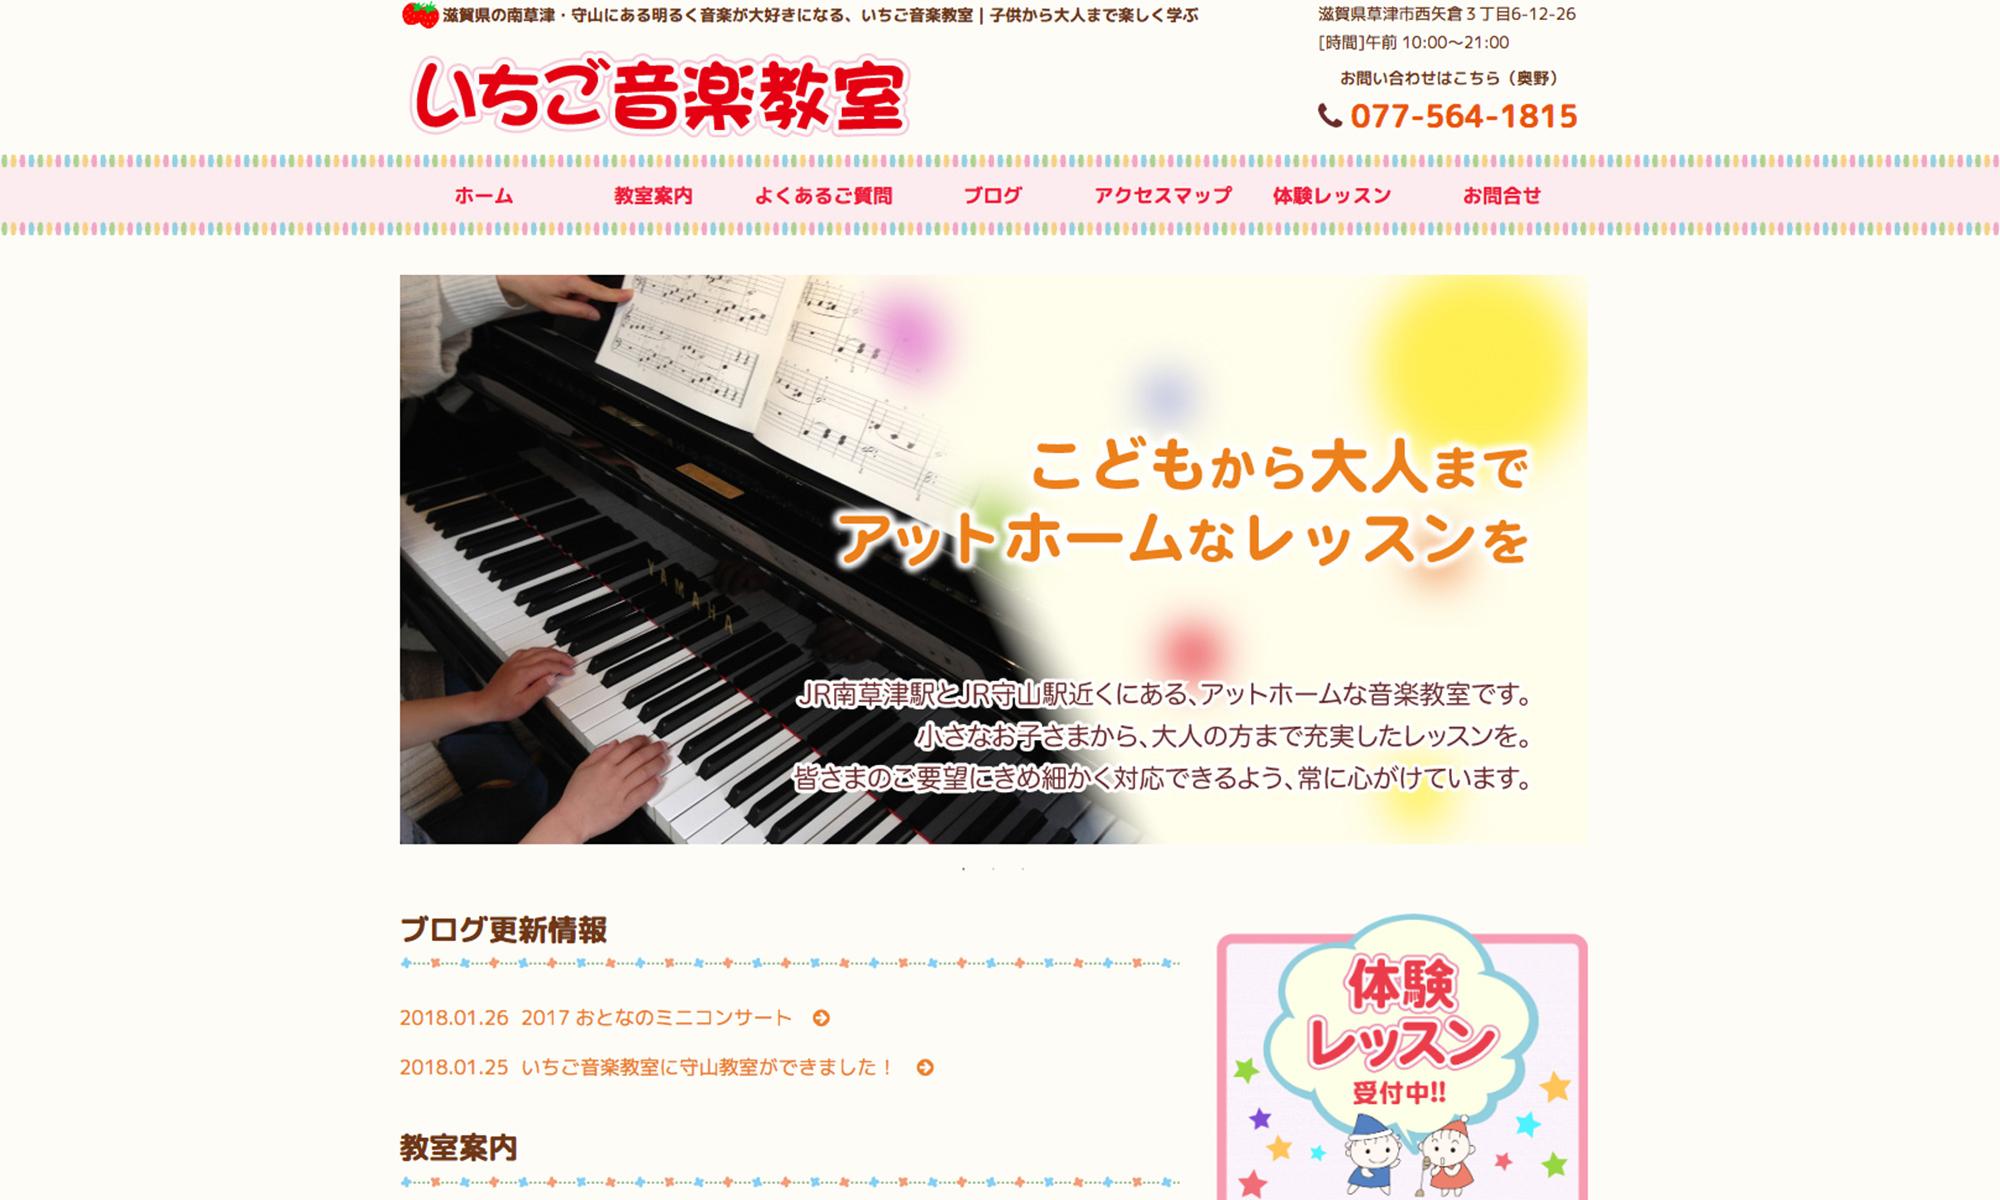 いちご音楽教室様のサイトを制作しました。